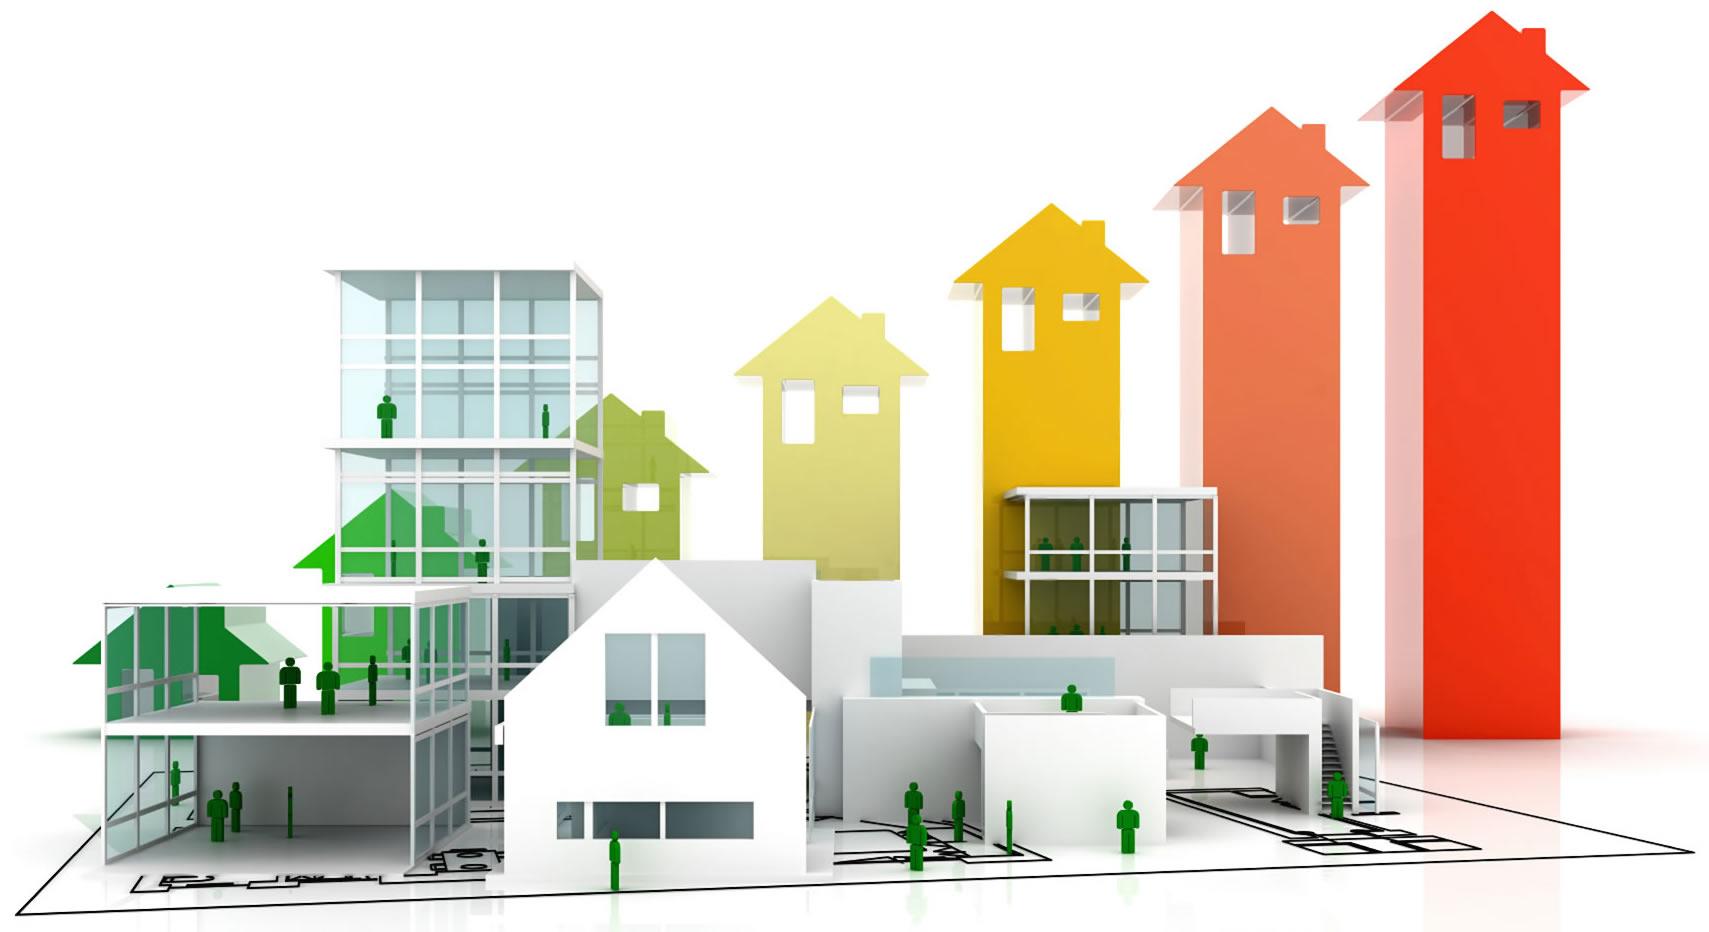 Guida alle famiglie: spese condominiali, come ridurre i costi e risparmiare